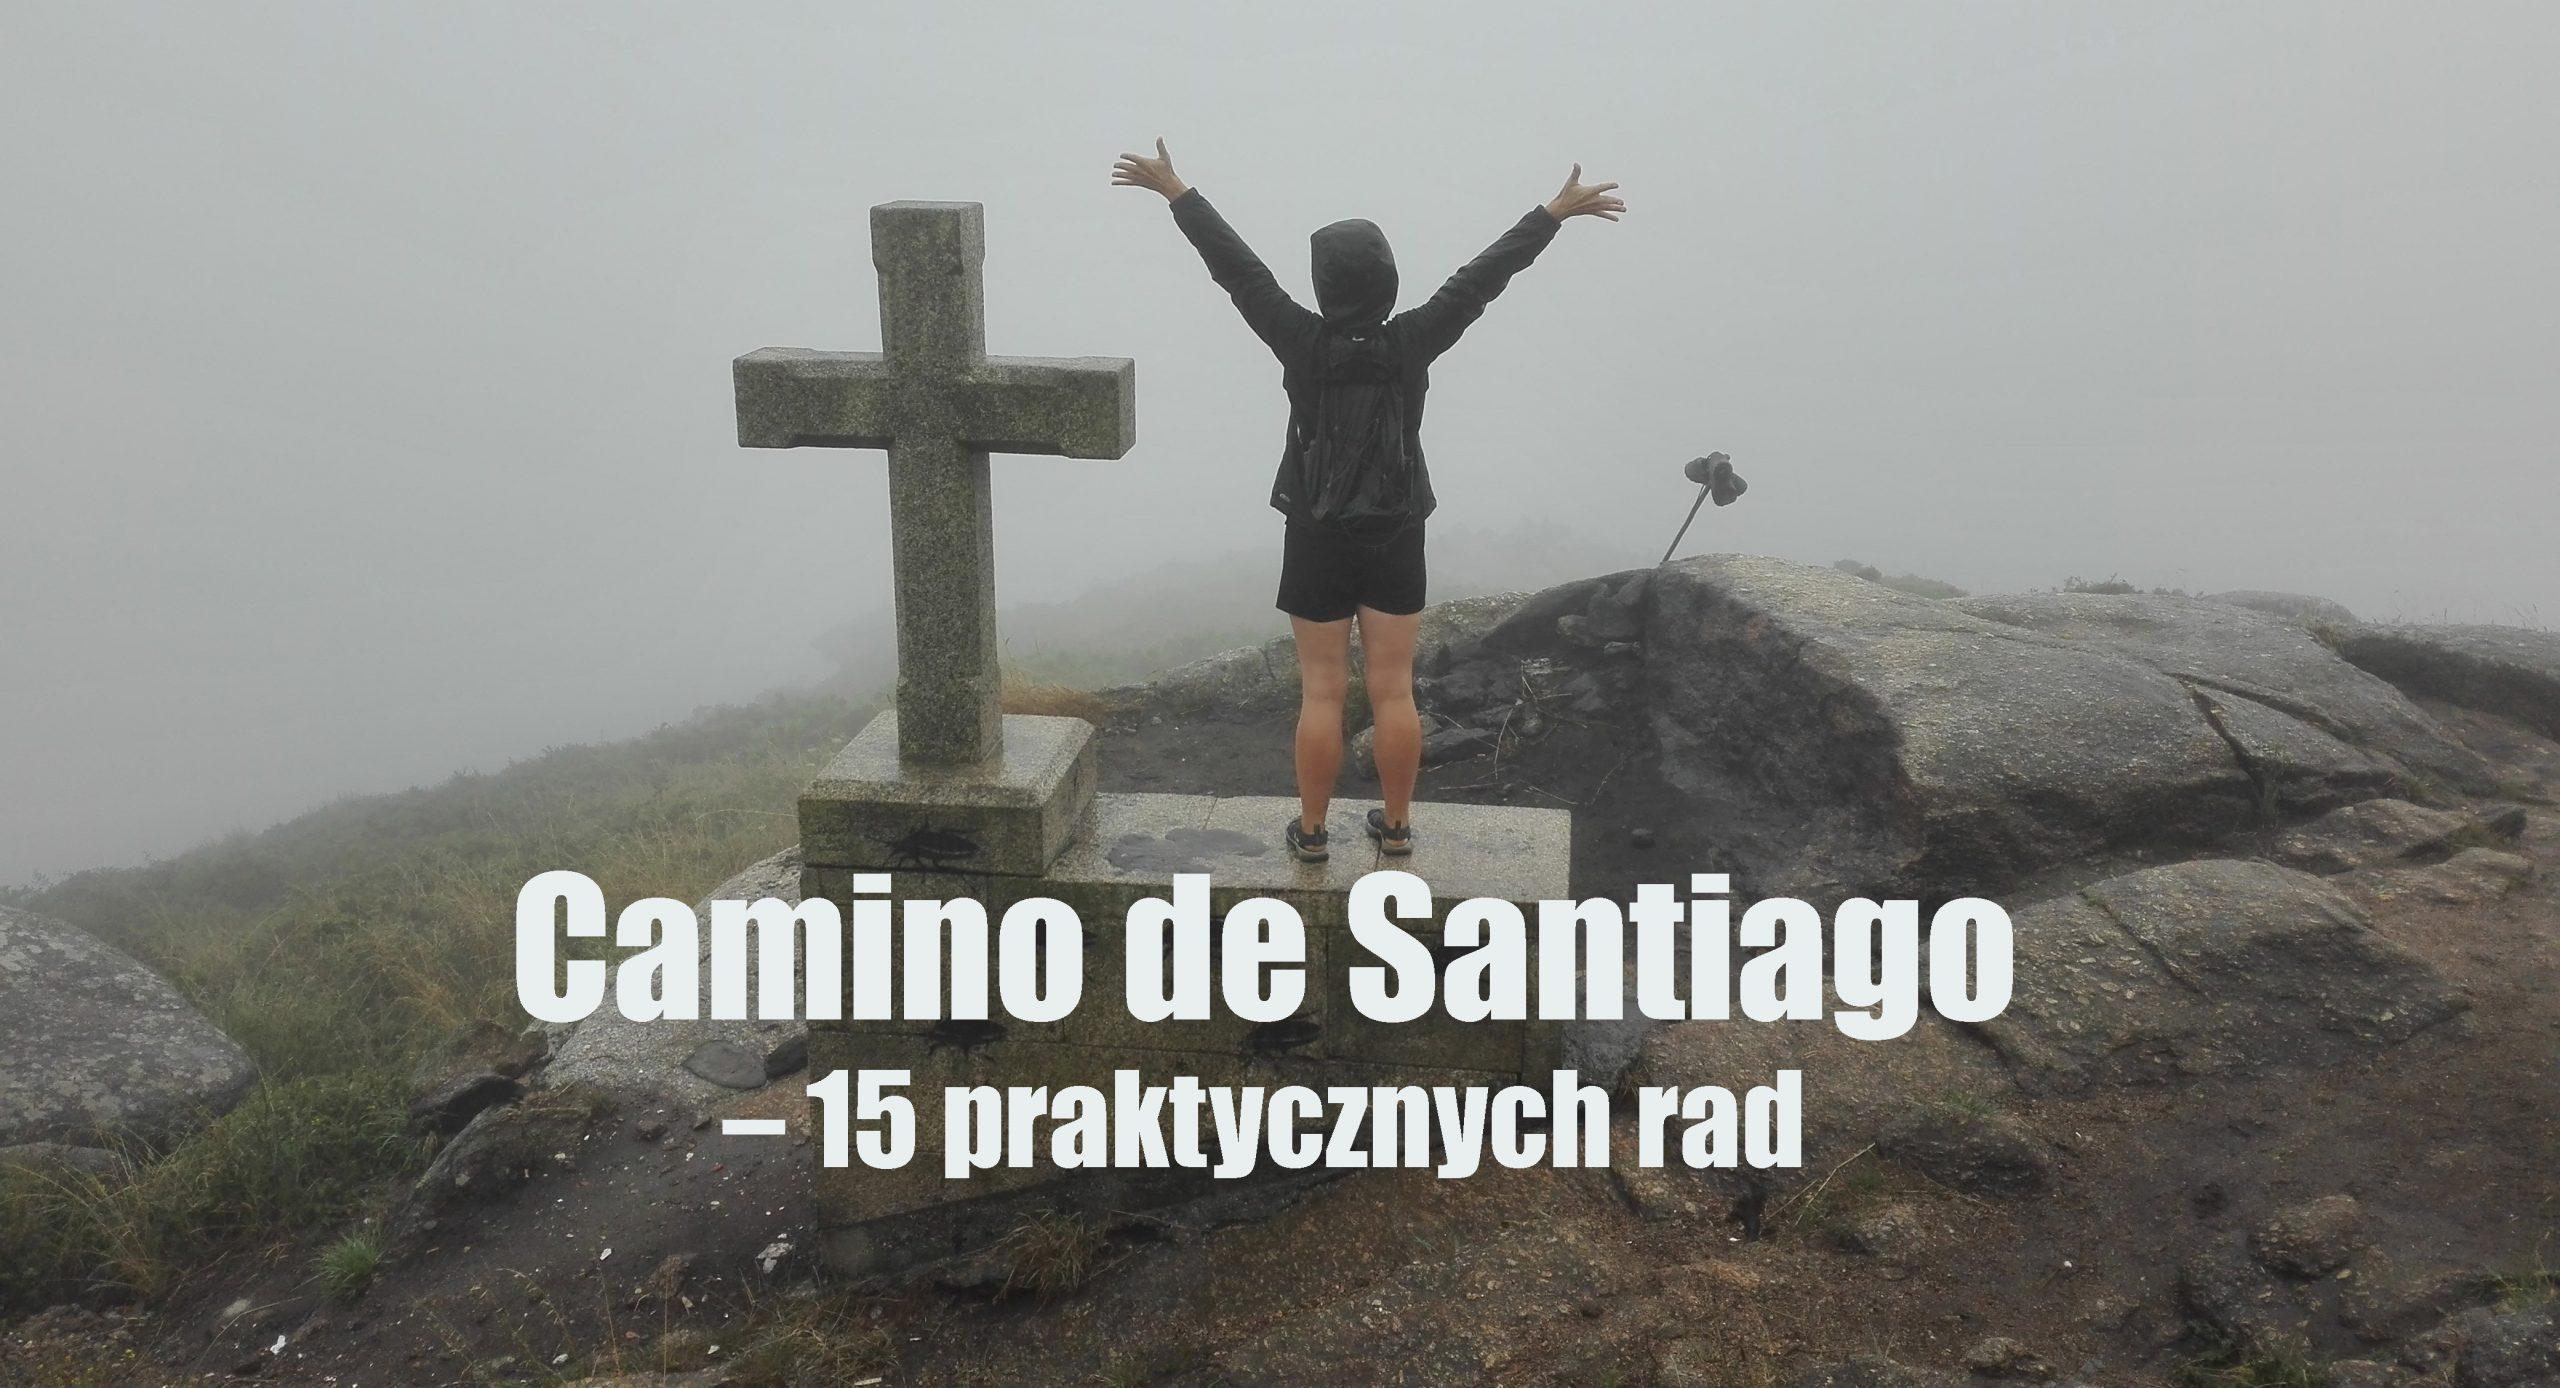 Camino de Santiago - 15 praktycznych rad